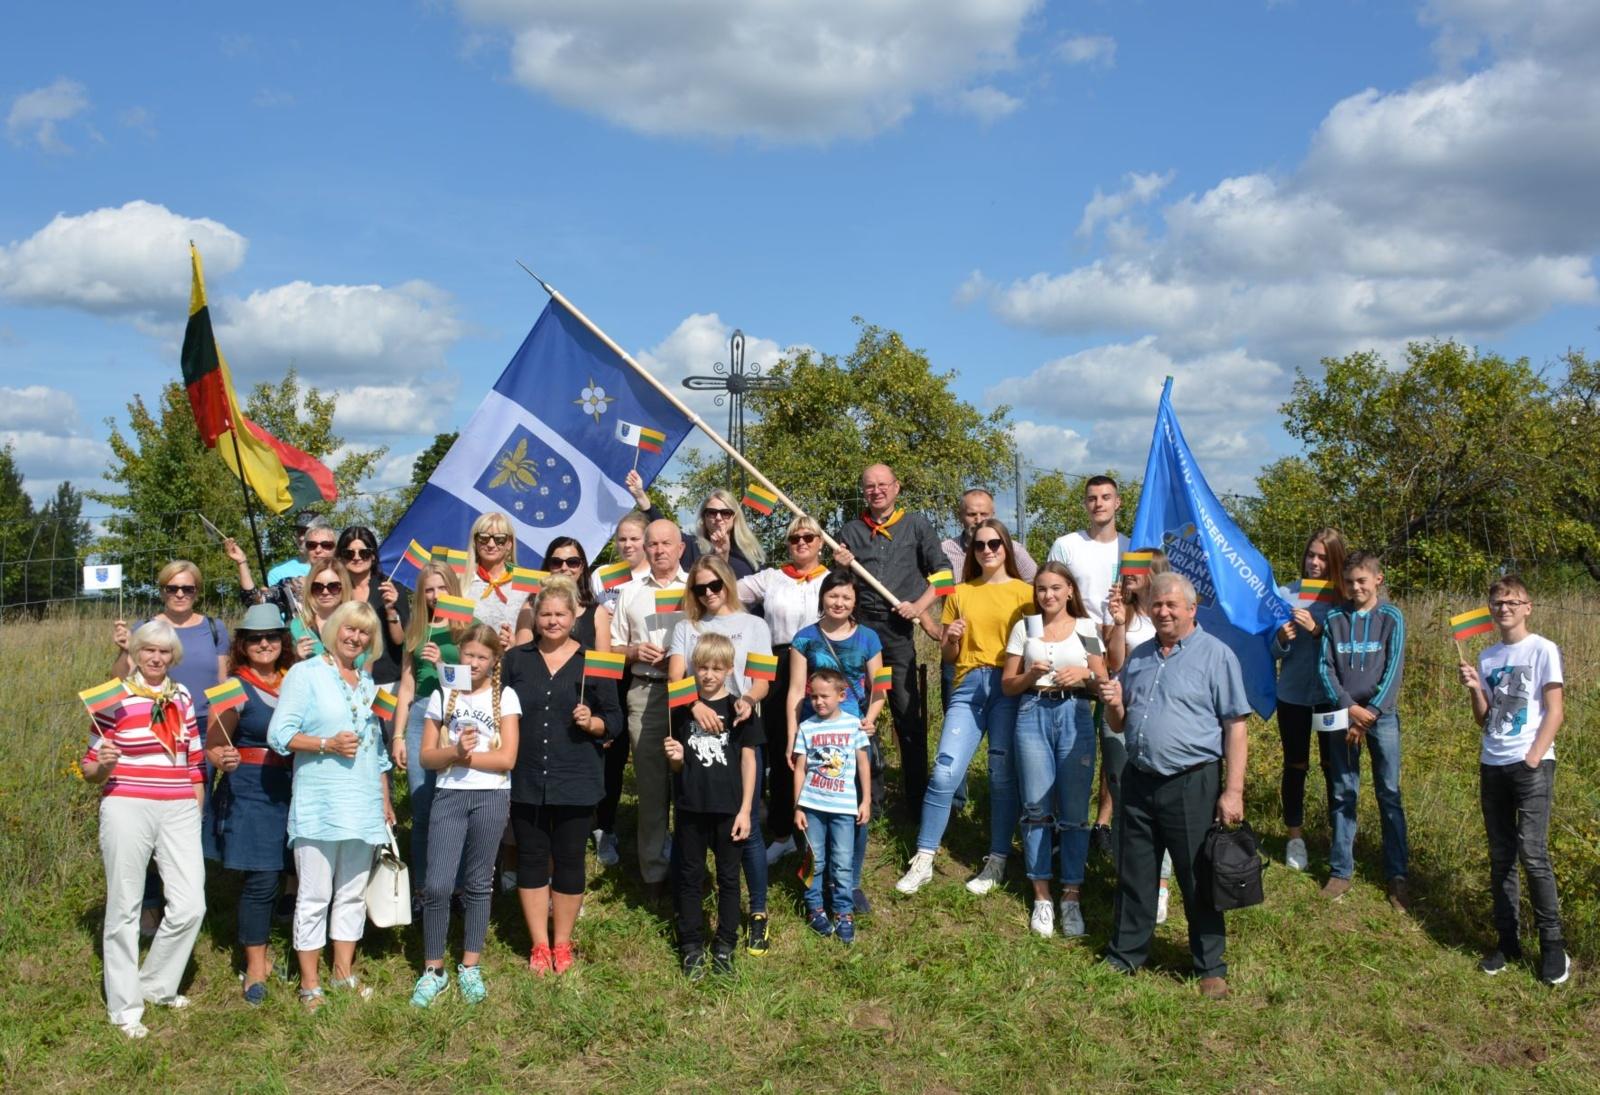 Baltijos kelio trisdešimtmečio renginiuose dalyvavo ir varėniškiai